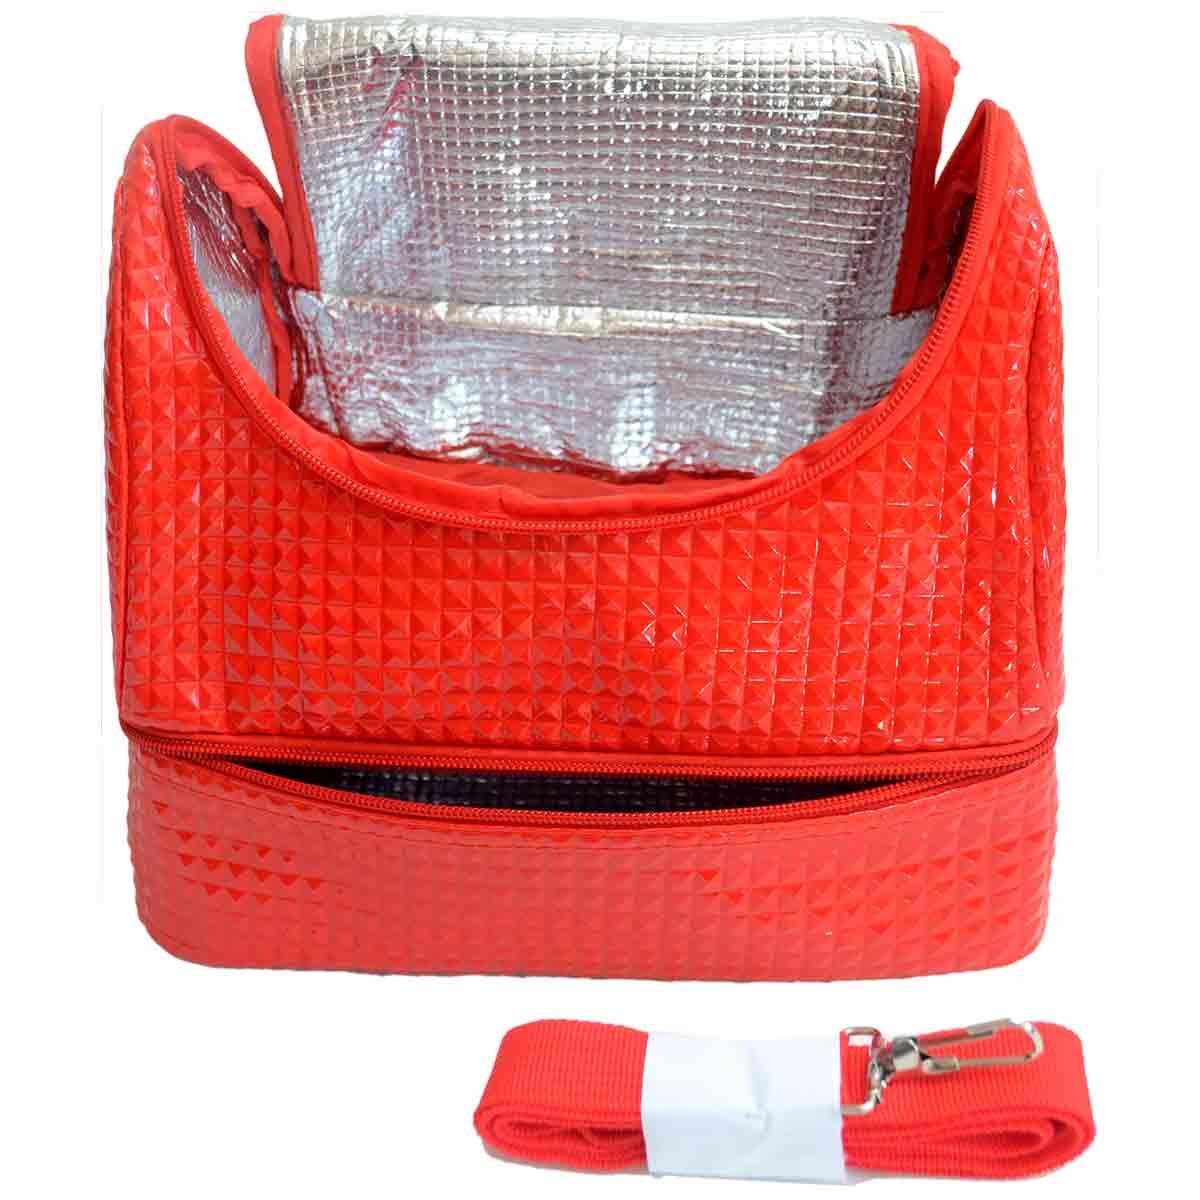 Bolsa Térmica Cisne 2 Compartimentos com Alça